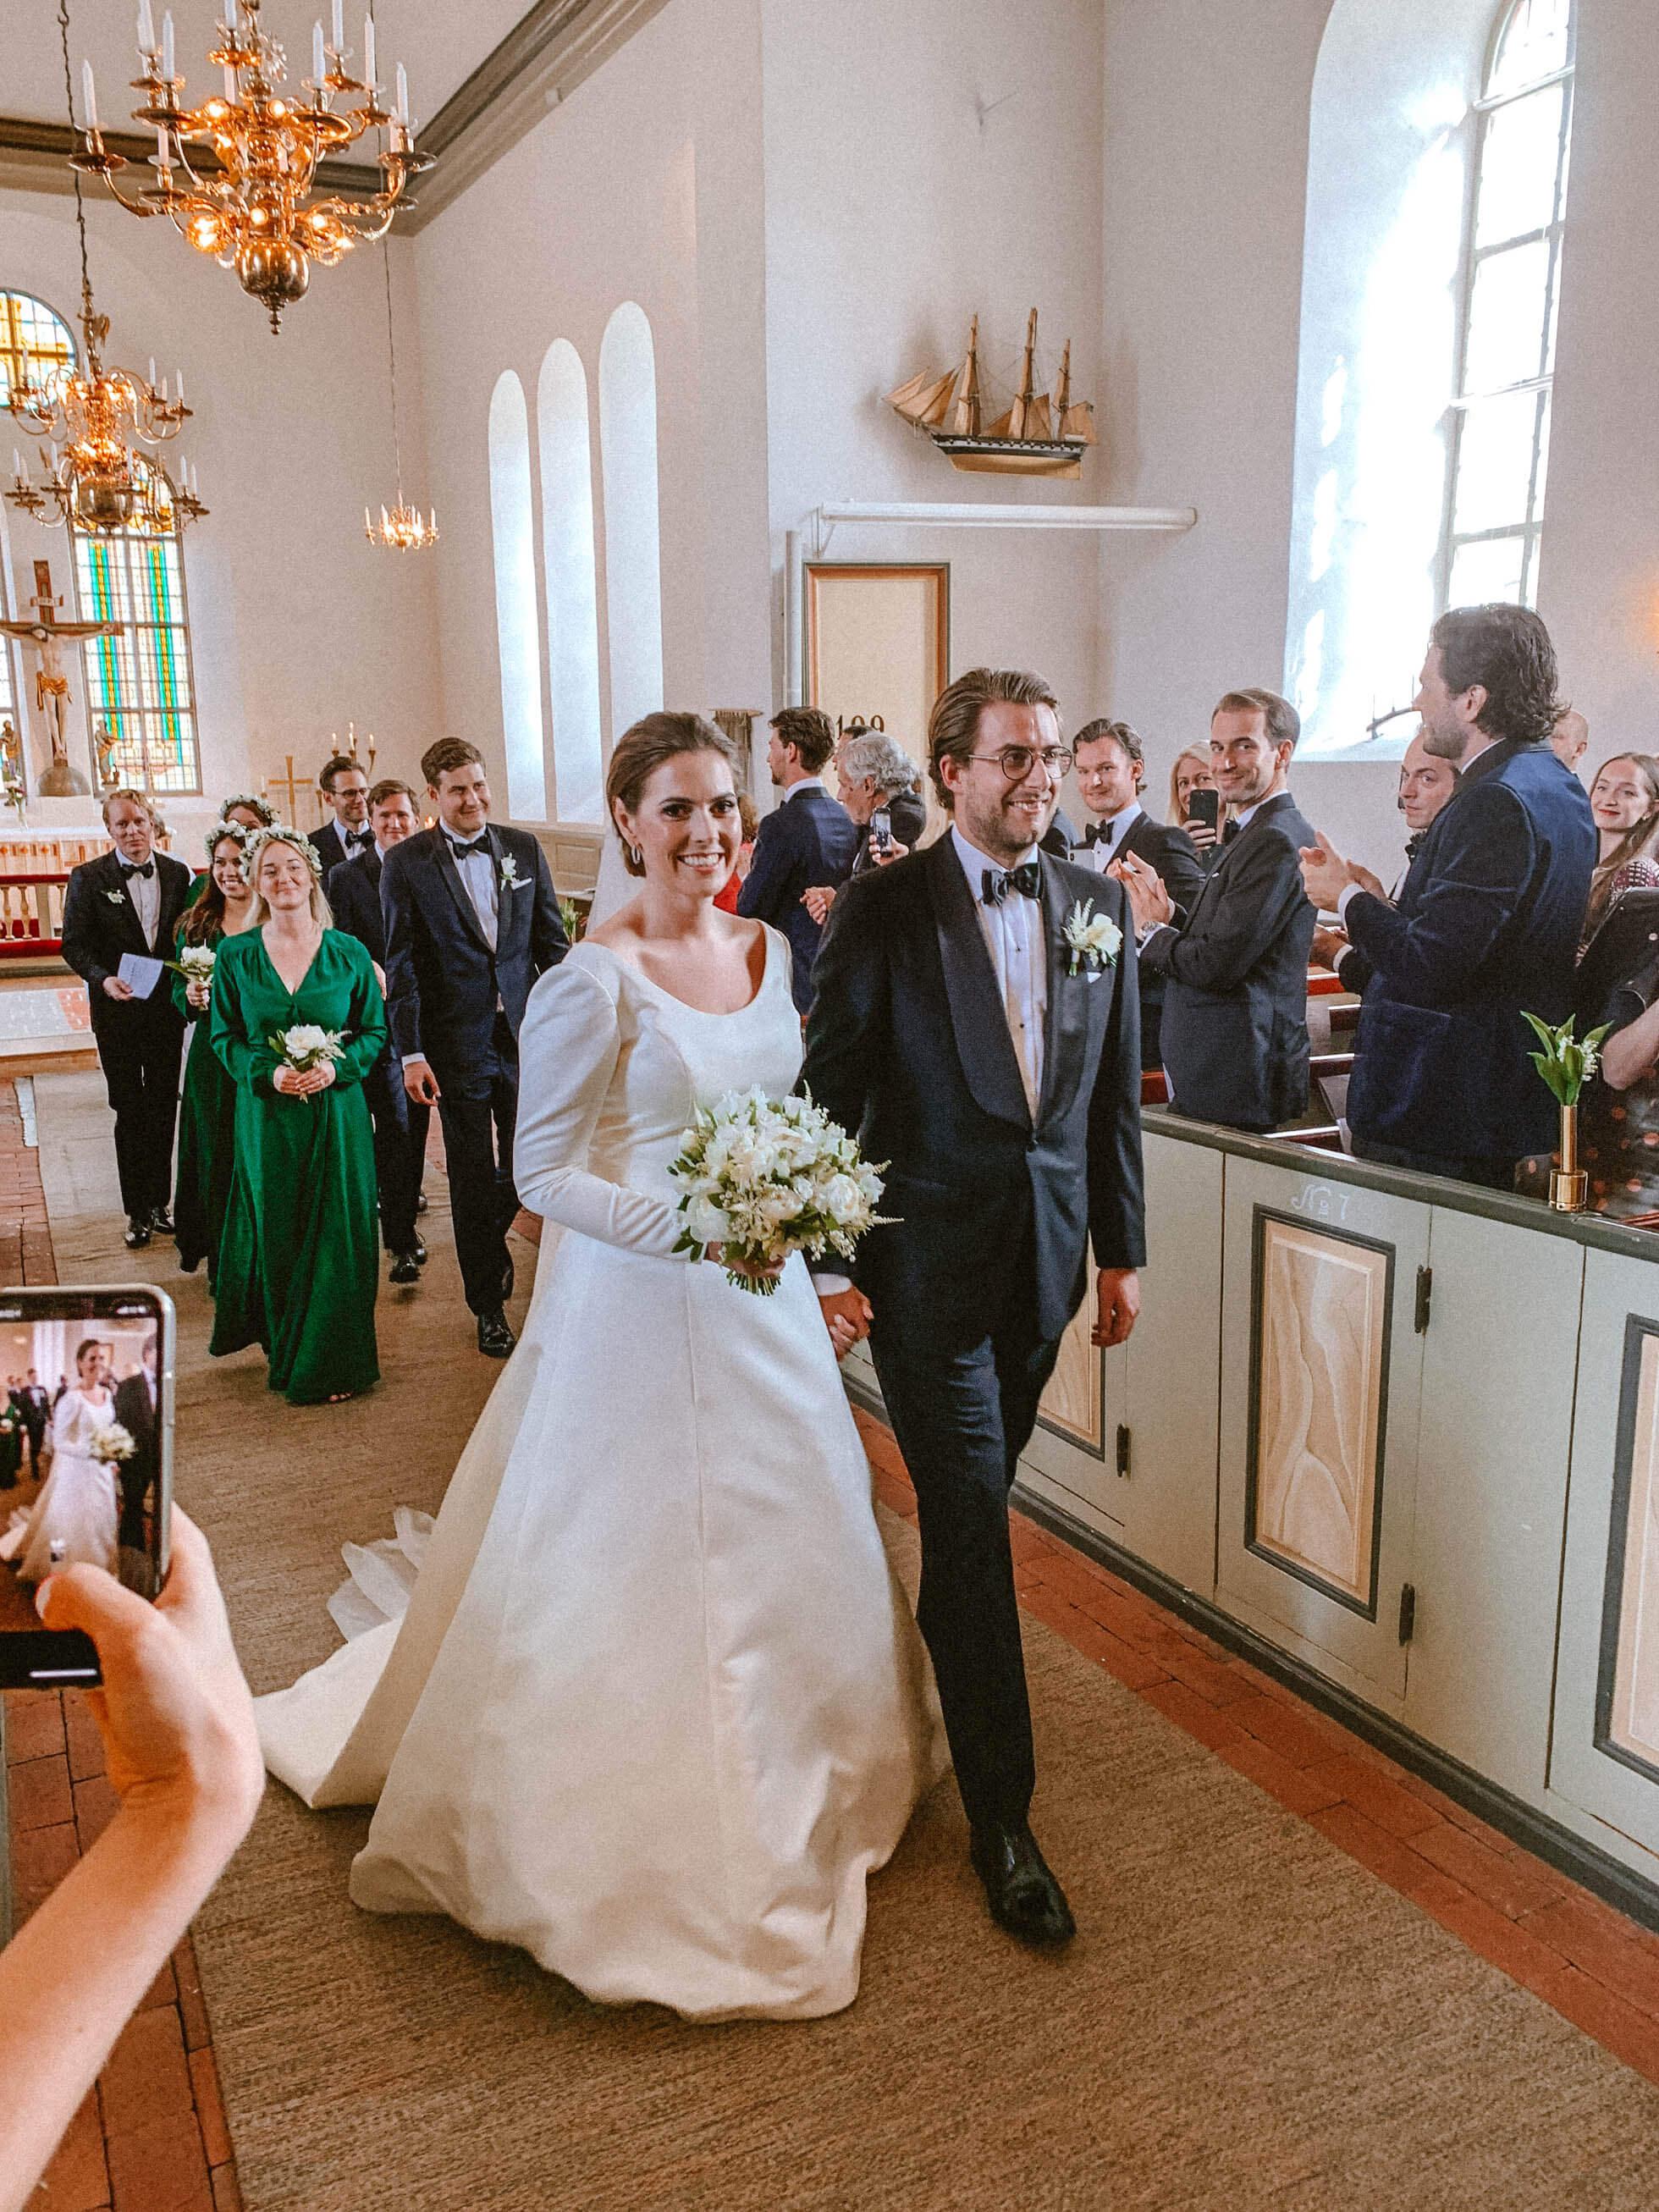 82fee7401d43 Sedan traskade vi några meter till kyrkan. Allt är så nära på Marsstrand,  de är inga distanser, perfekt för bröllop.